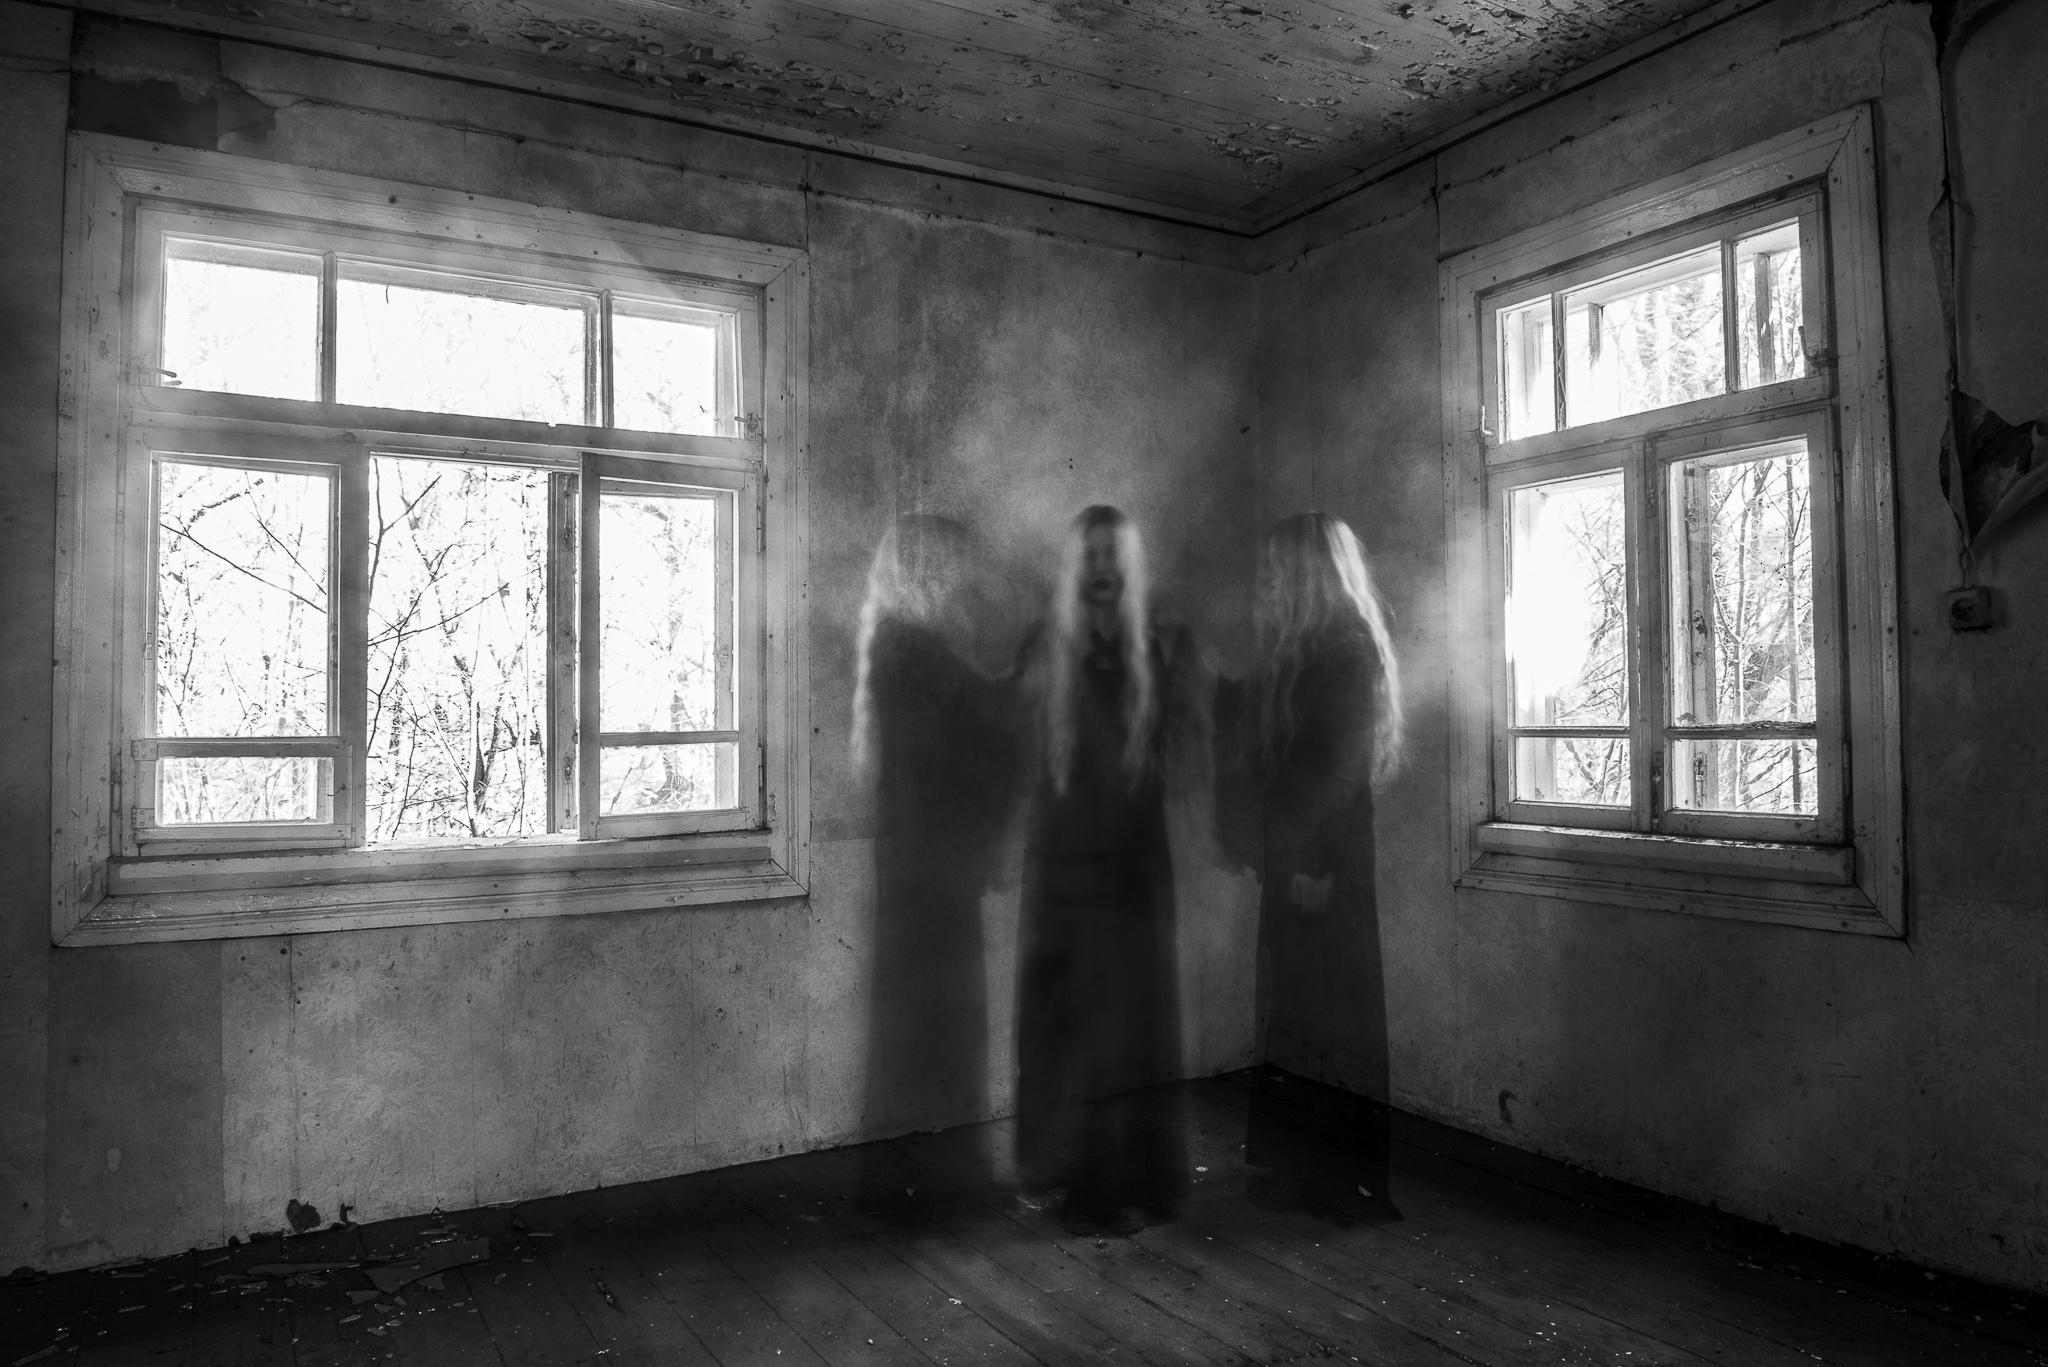 fot. Tomasz Czerkawski